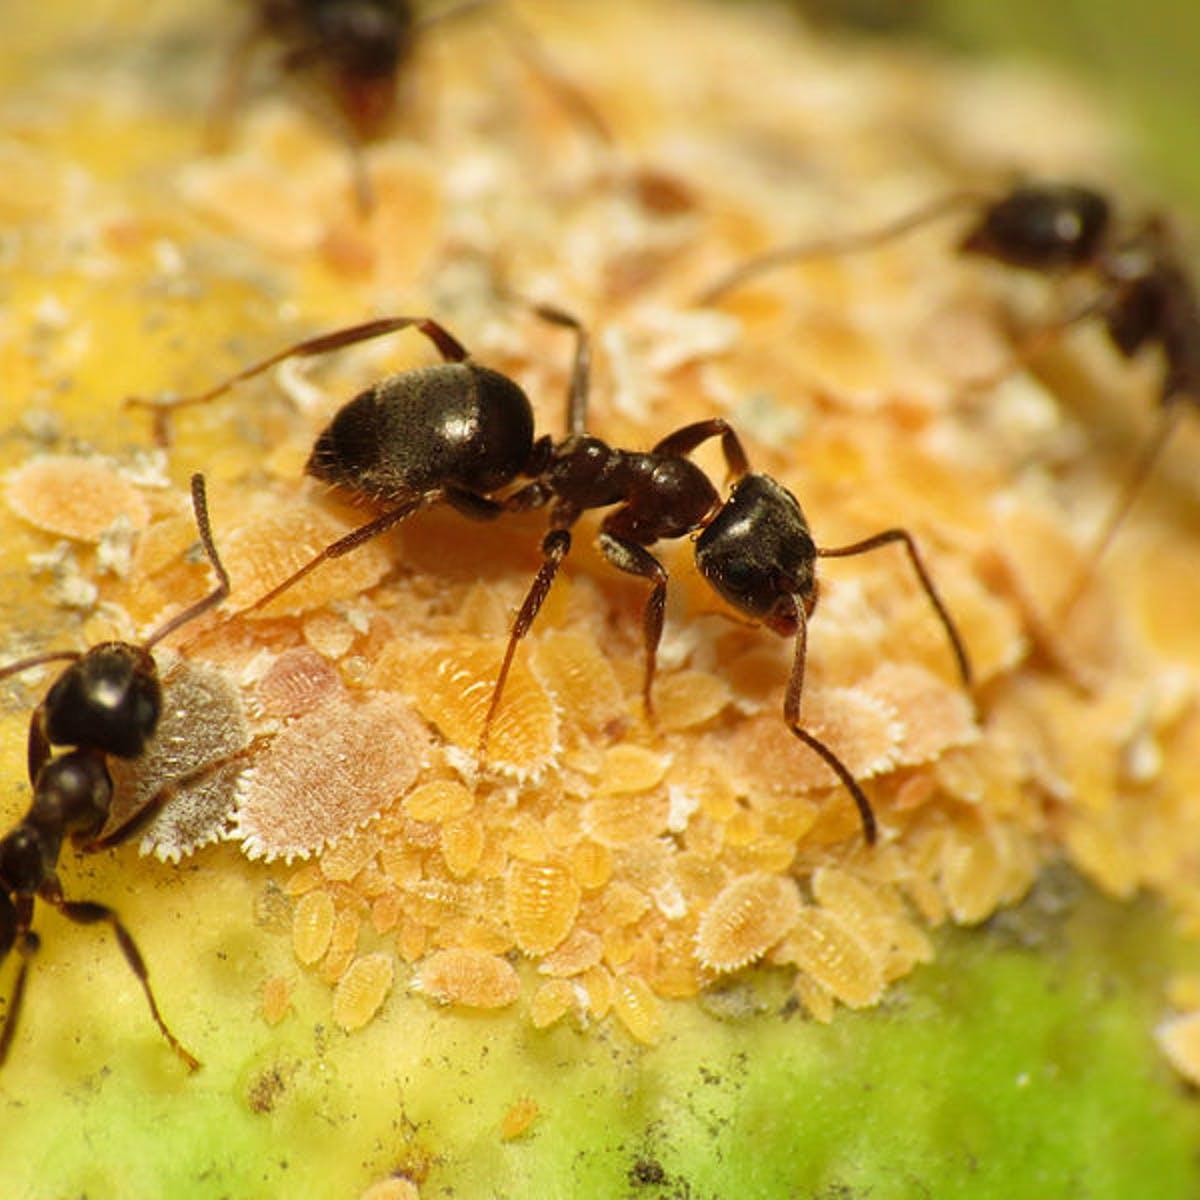 Виды муравьев: бульдоги, жнецы, фараоновы, древоточцы и другие